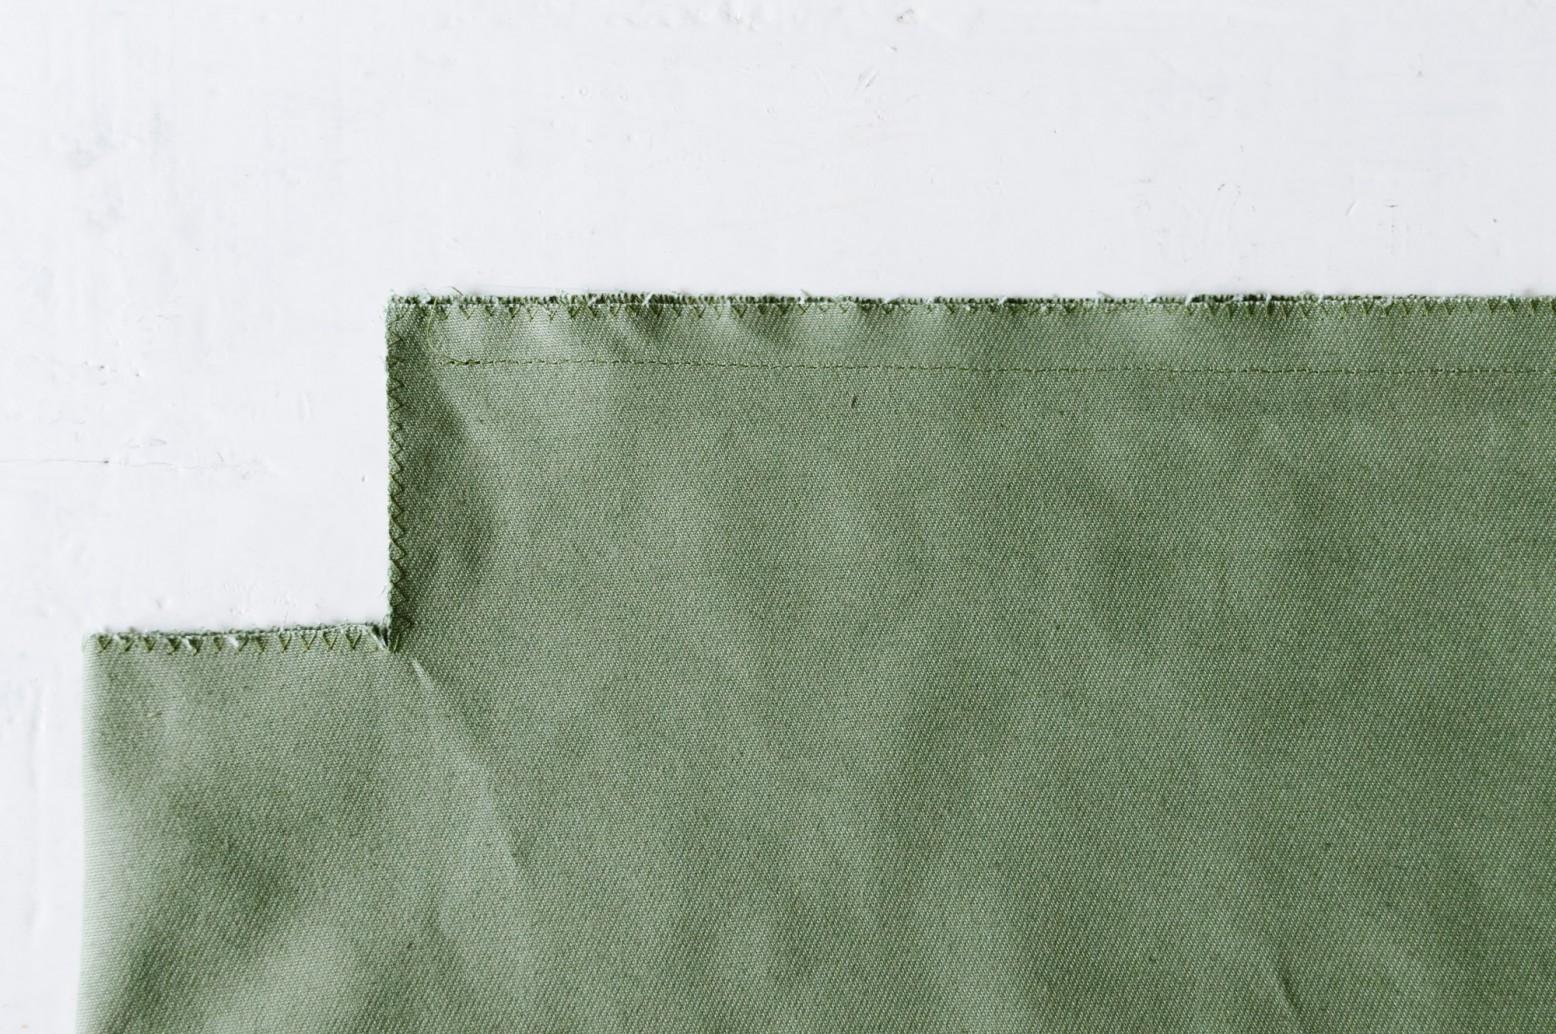 Cách may túi vải tại nhà - khâu mép vải